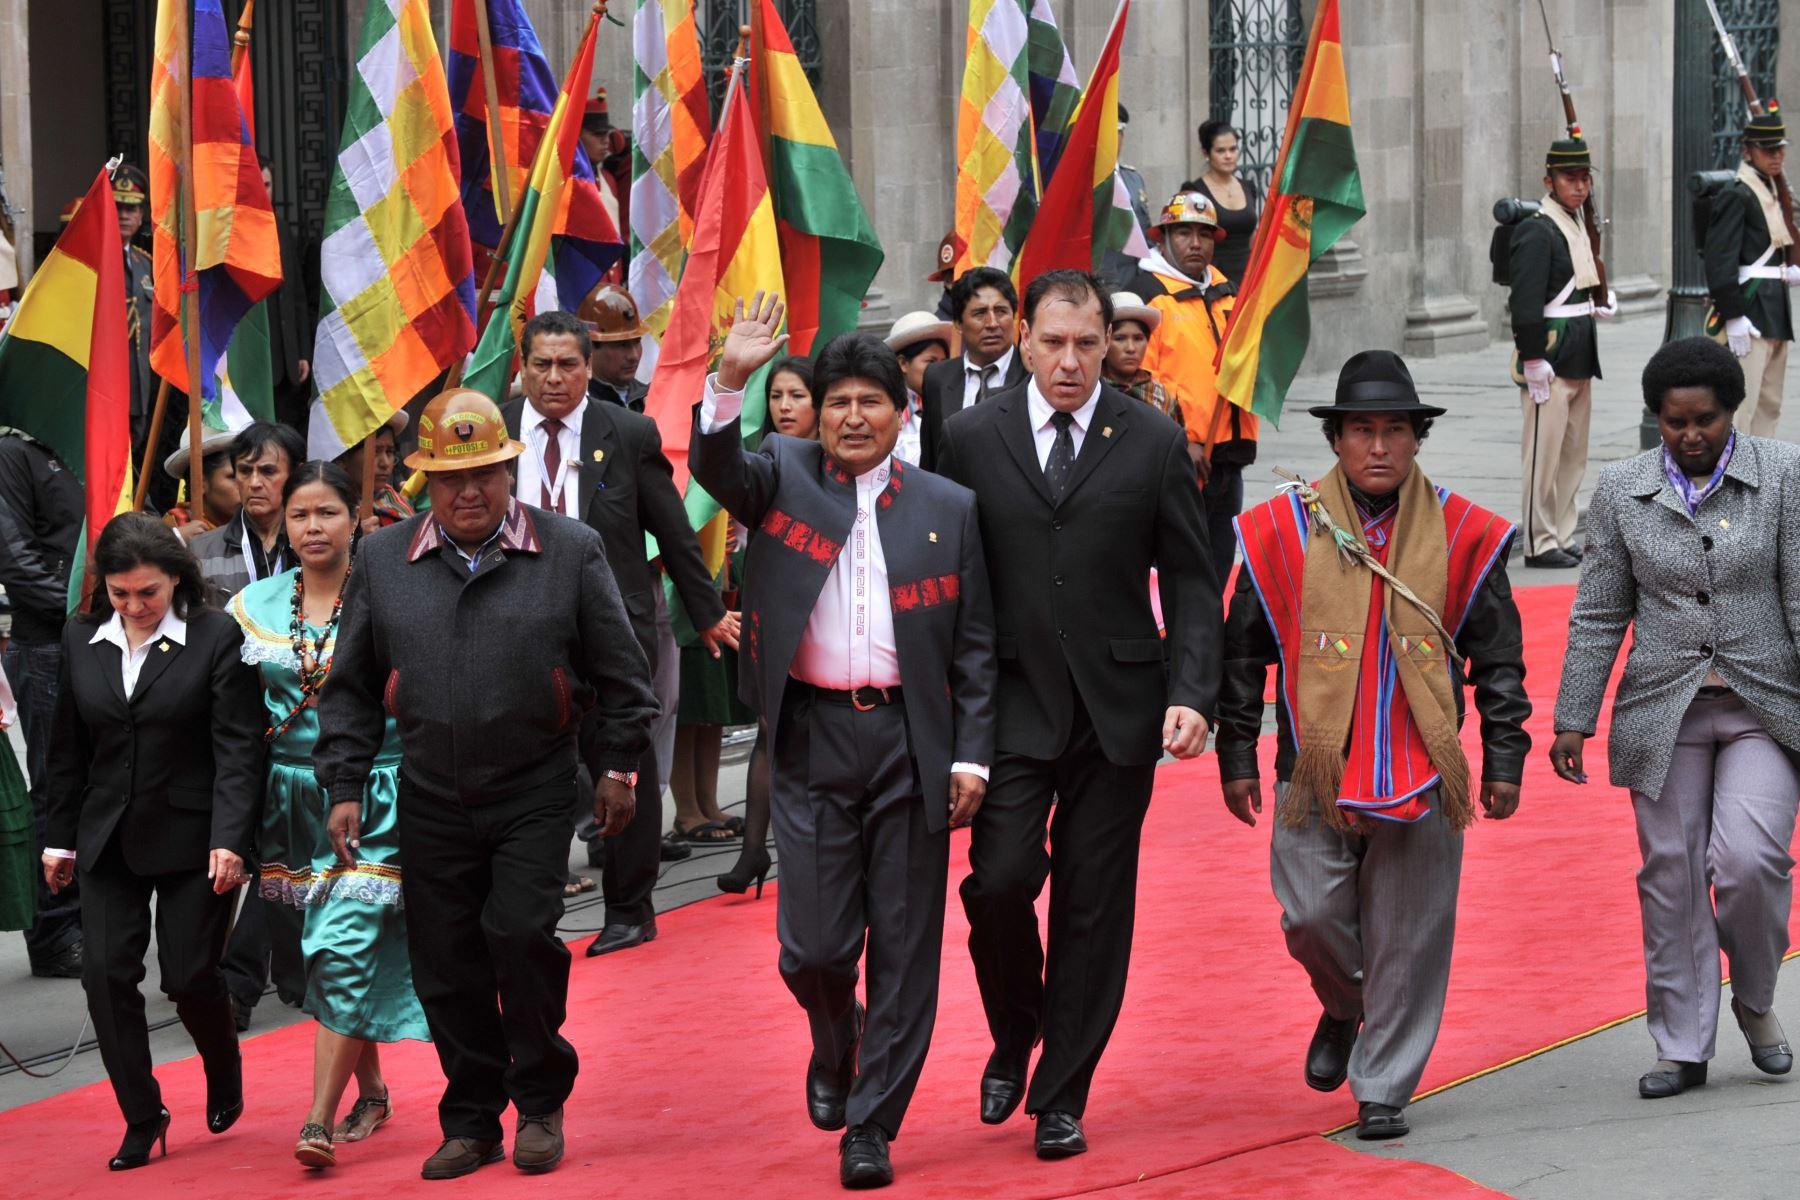 El presidente reelegido de Bolivia, Evo Morales (C), saluda mientras se dirige al Congreso Nacional para jurar un tercer mandato, en La Paz, el 22 de enero de 2015. Morales, el primer presidente indígena de Bolivia, prestó juramento con su puño izquierdo. Foto: AFP